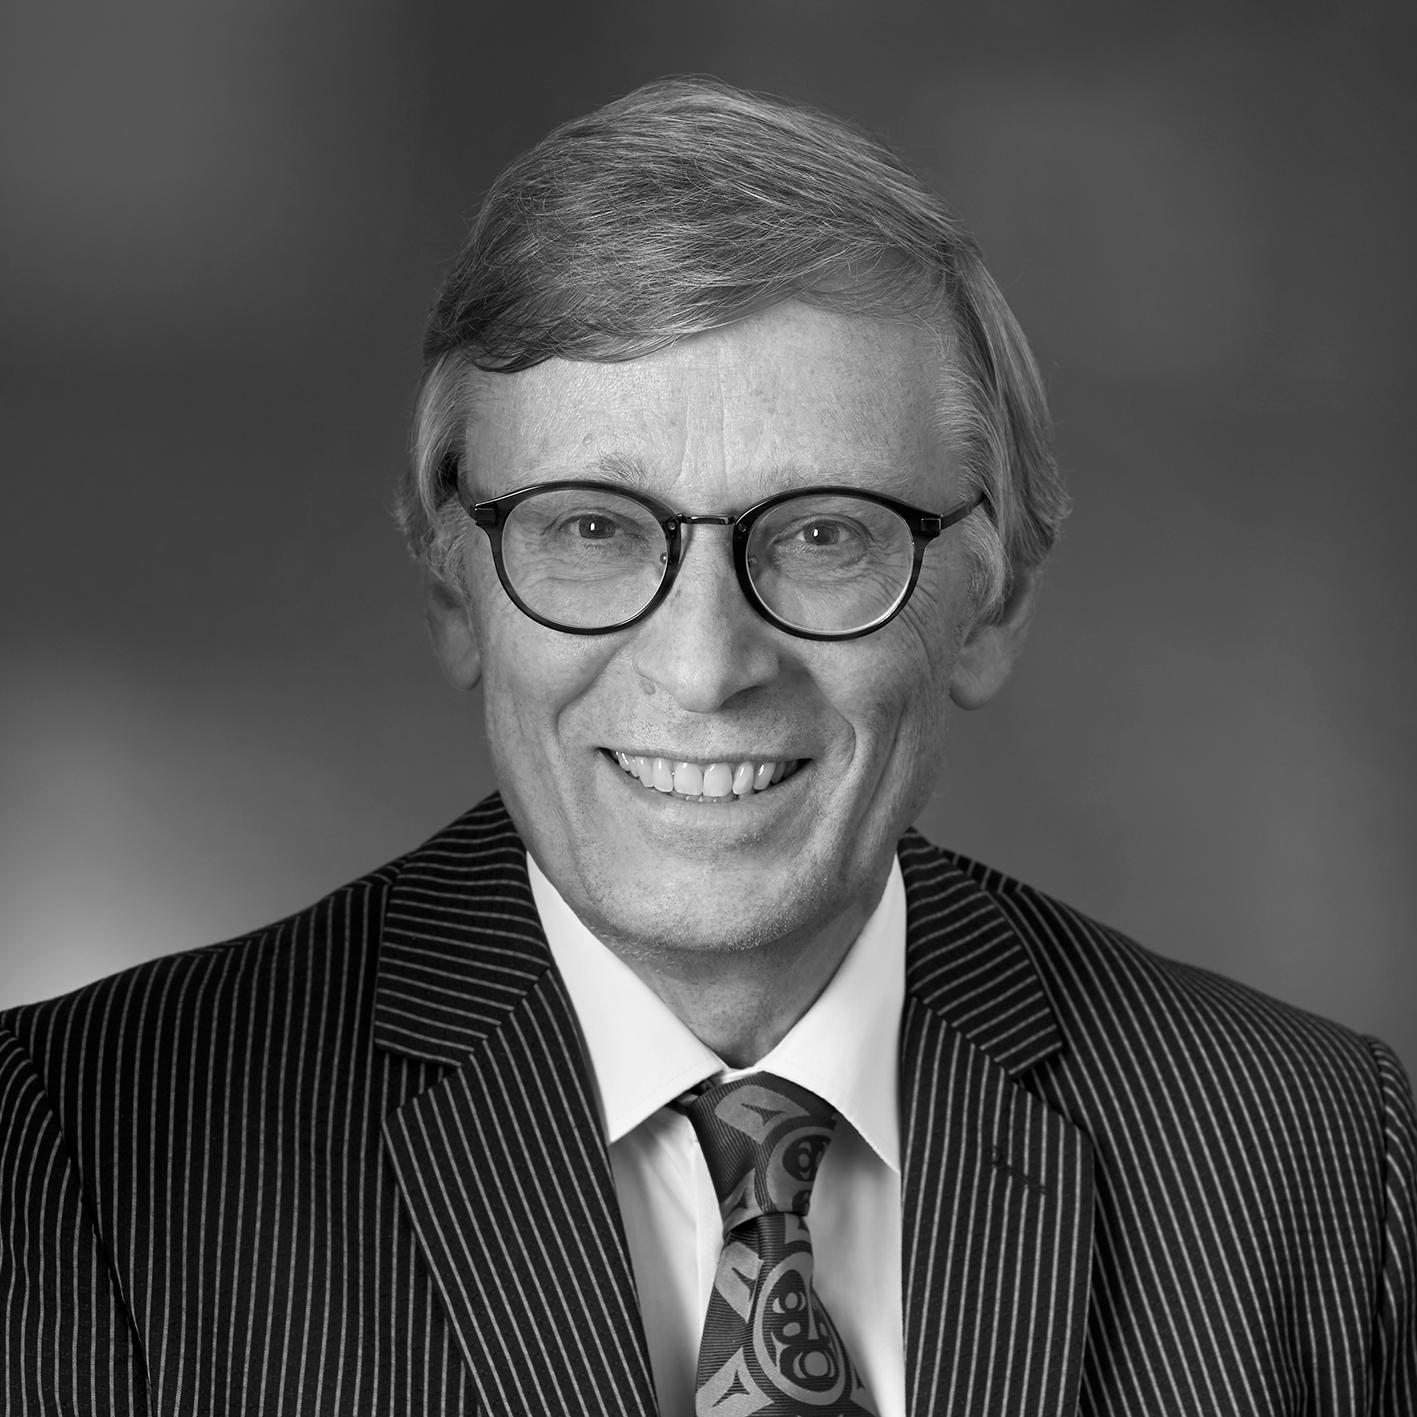 Lars Gullev